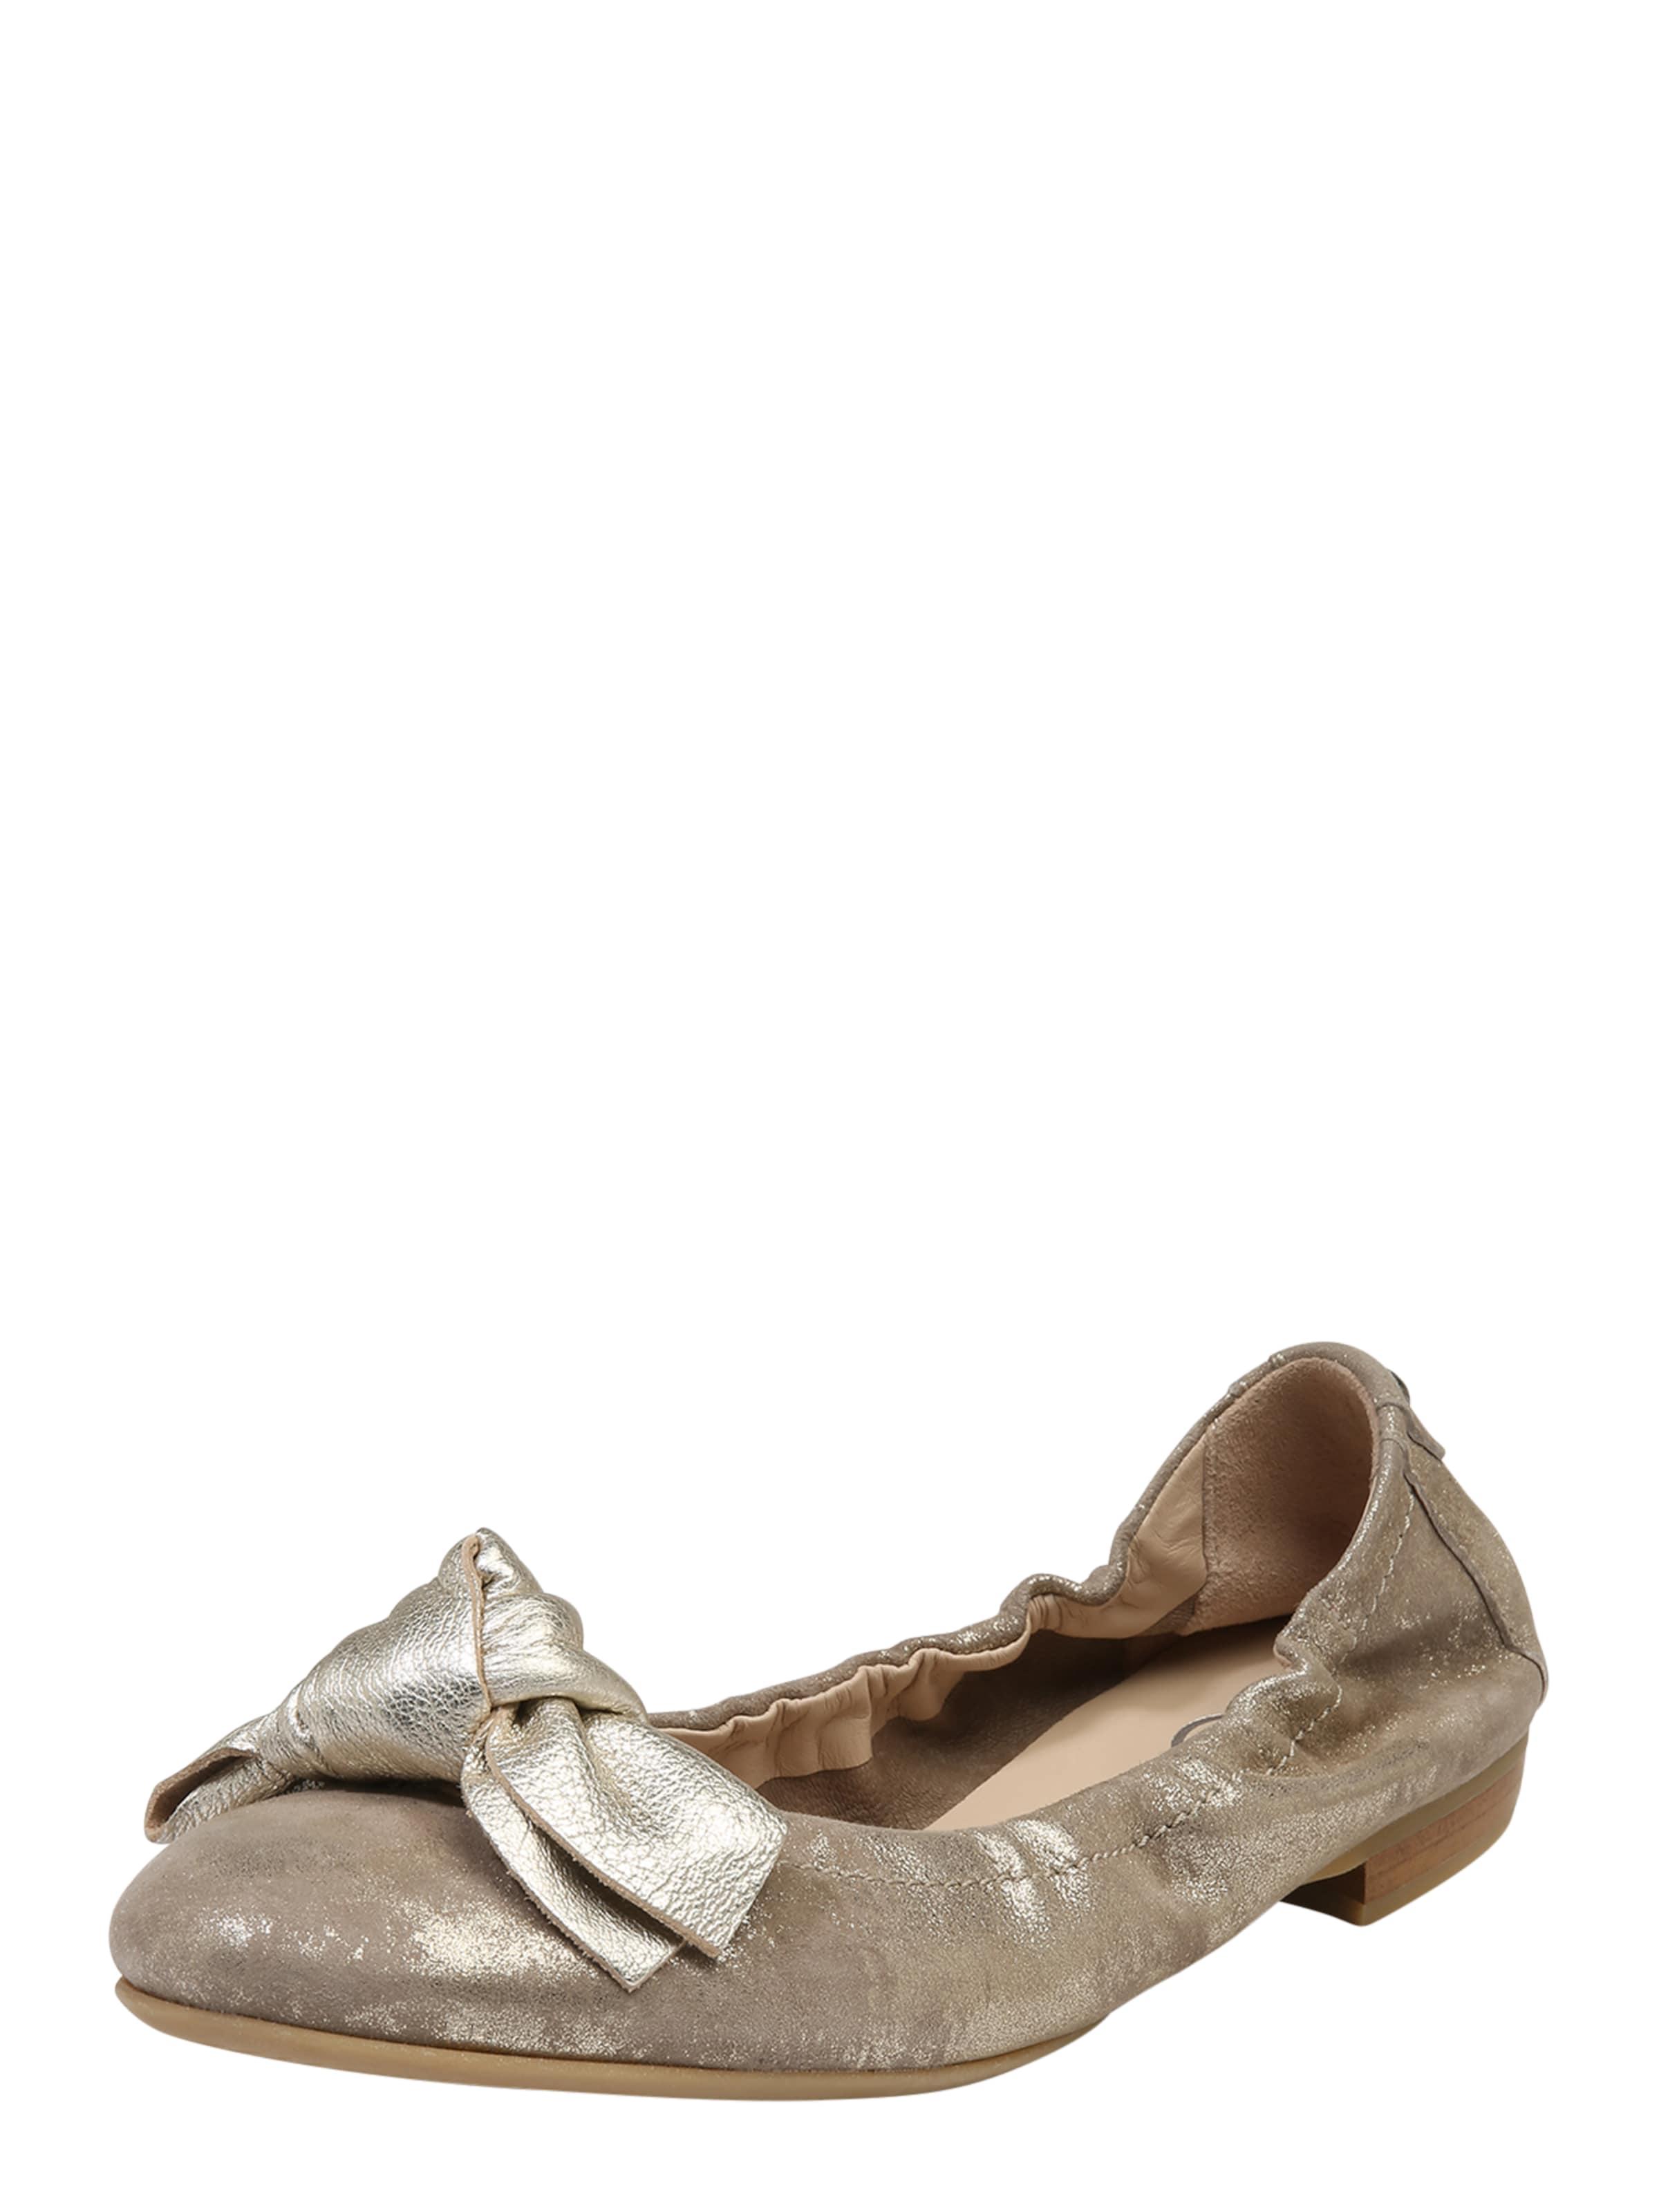 Donna Carolina Ballerinas mit Schleife Super Angebote Sast Verkauf Online Auslass 100% Original Verkauf Outlet-Store Steckdose Neue Stile YisNt2V